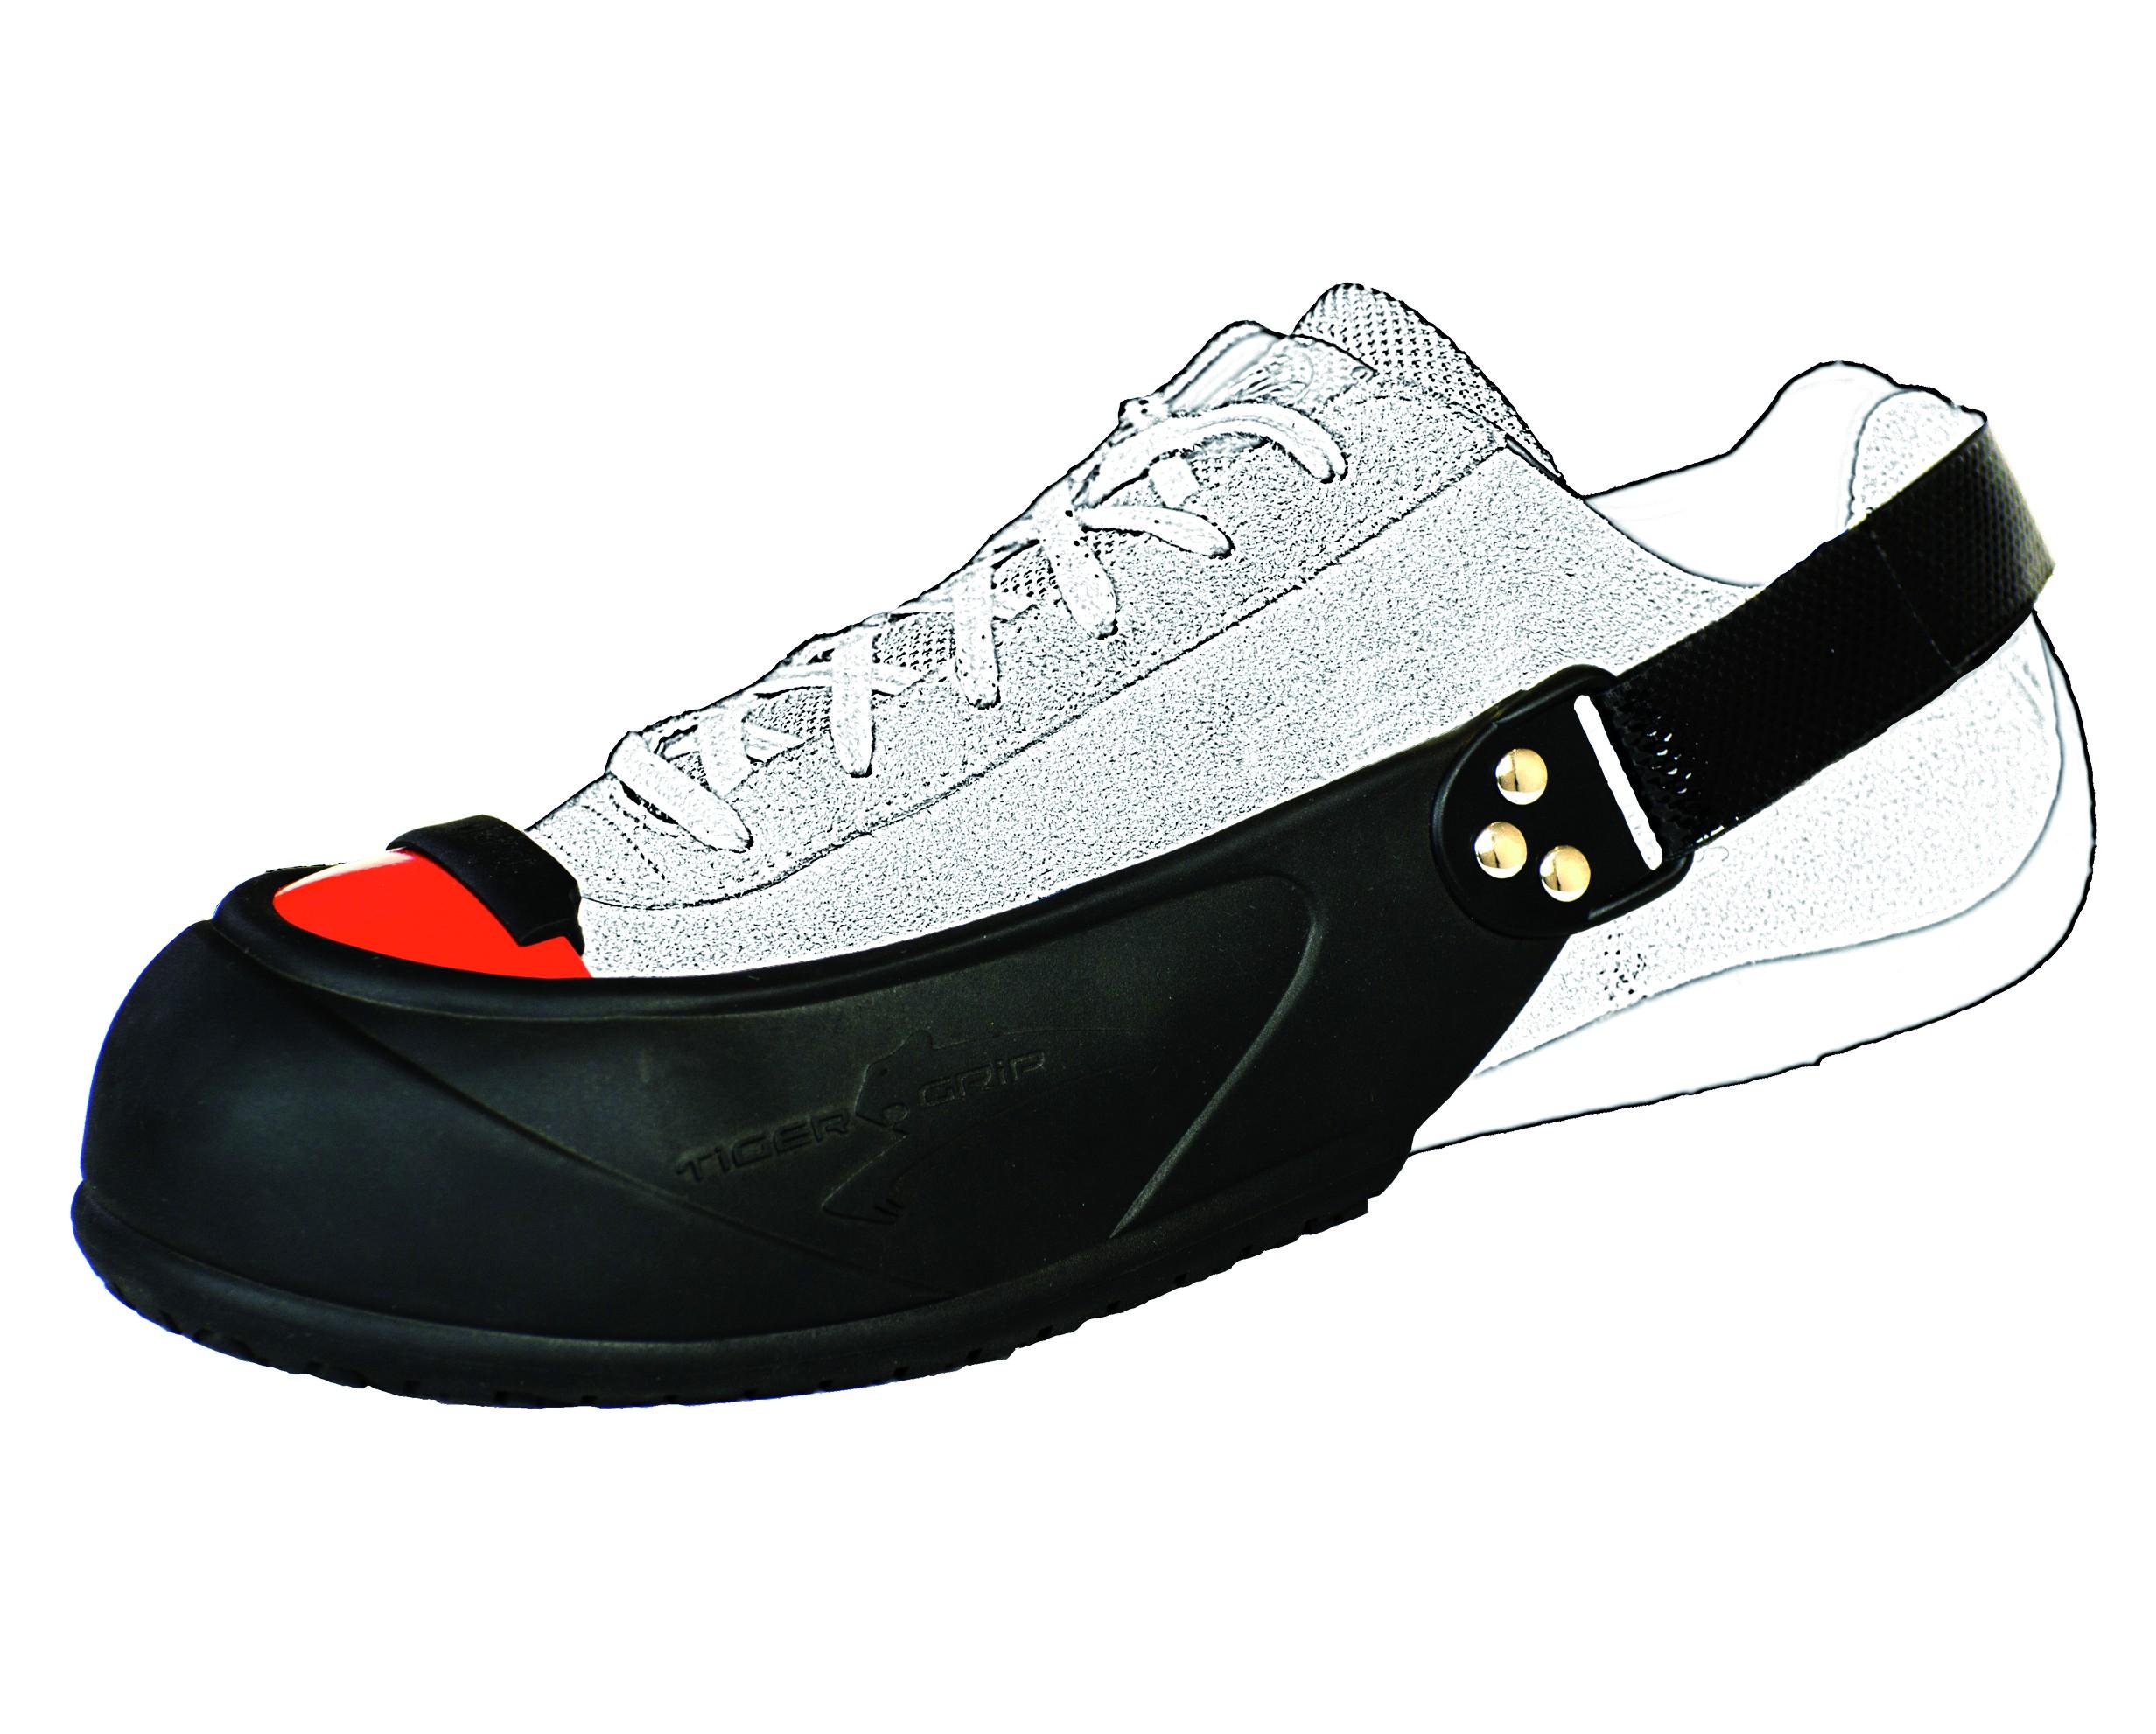 Sur chaussure avec embout...